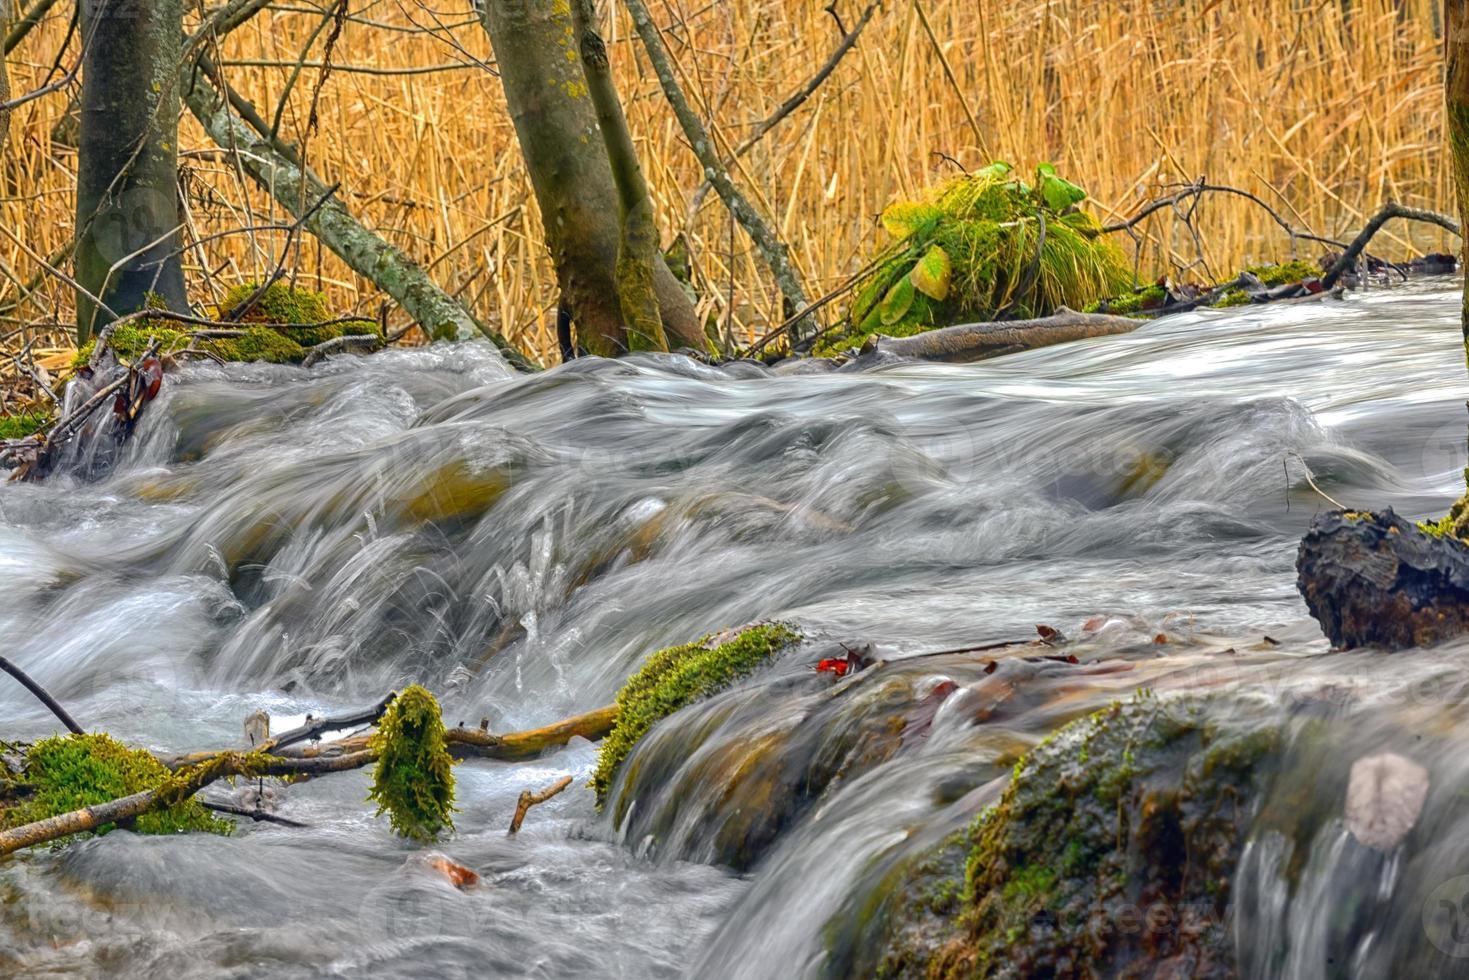 arroyo de montaña rápido que fluye foto